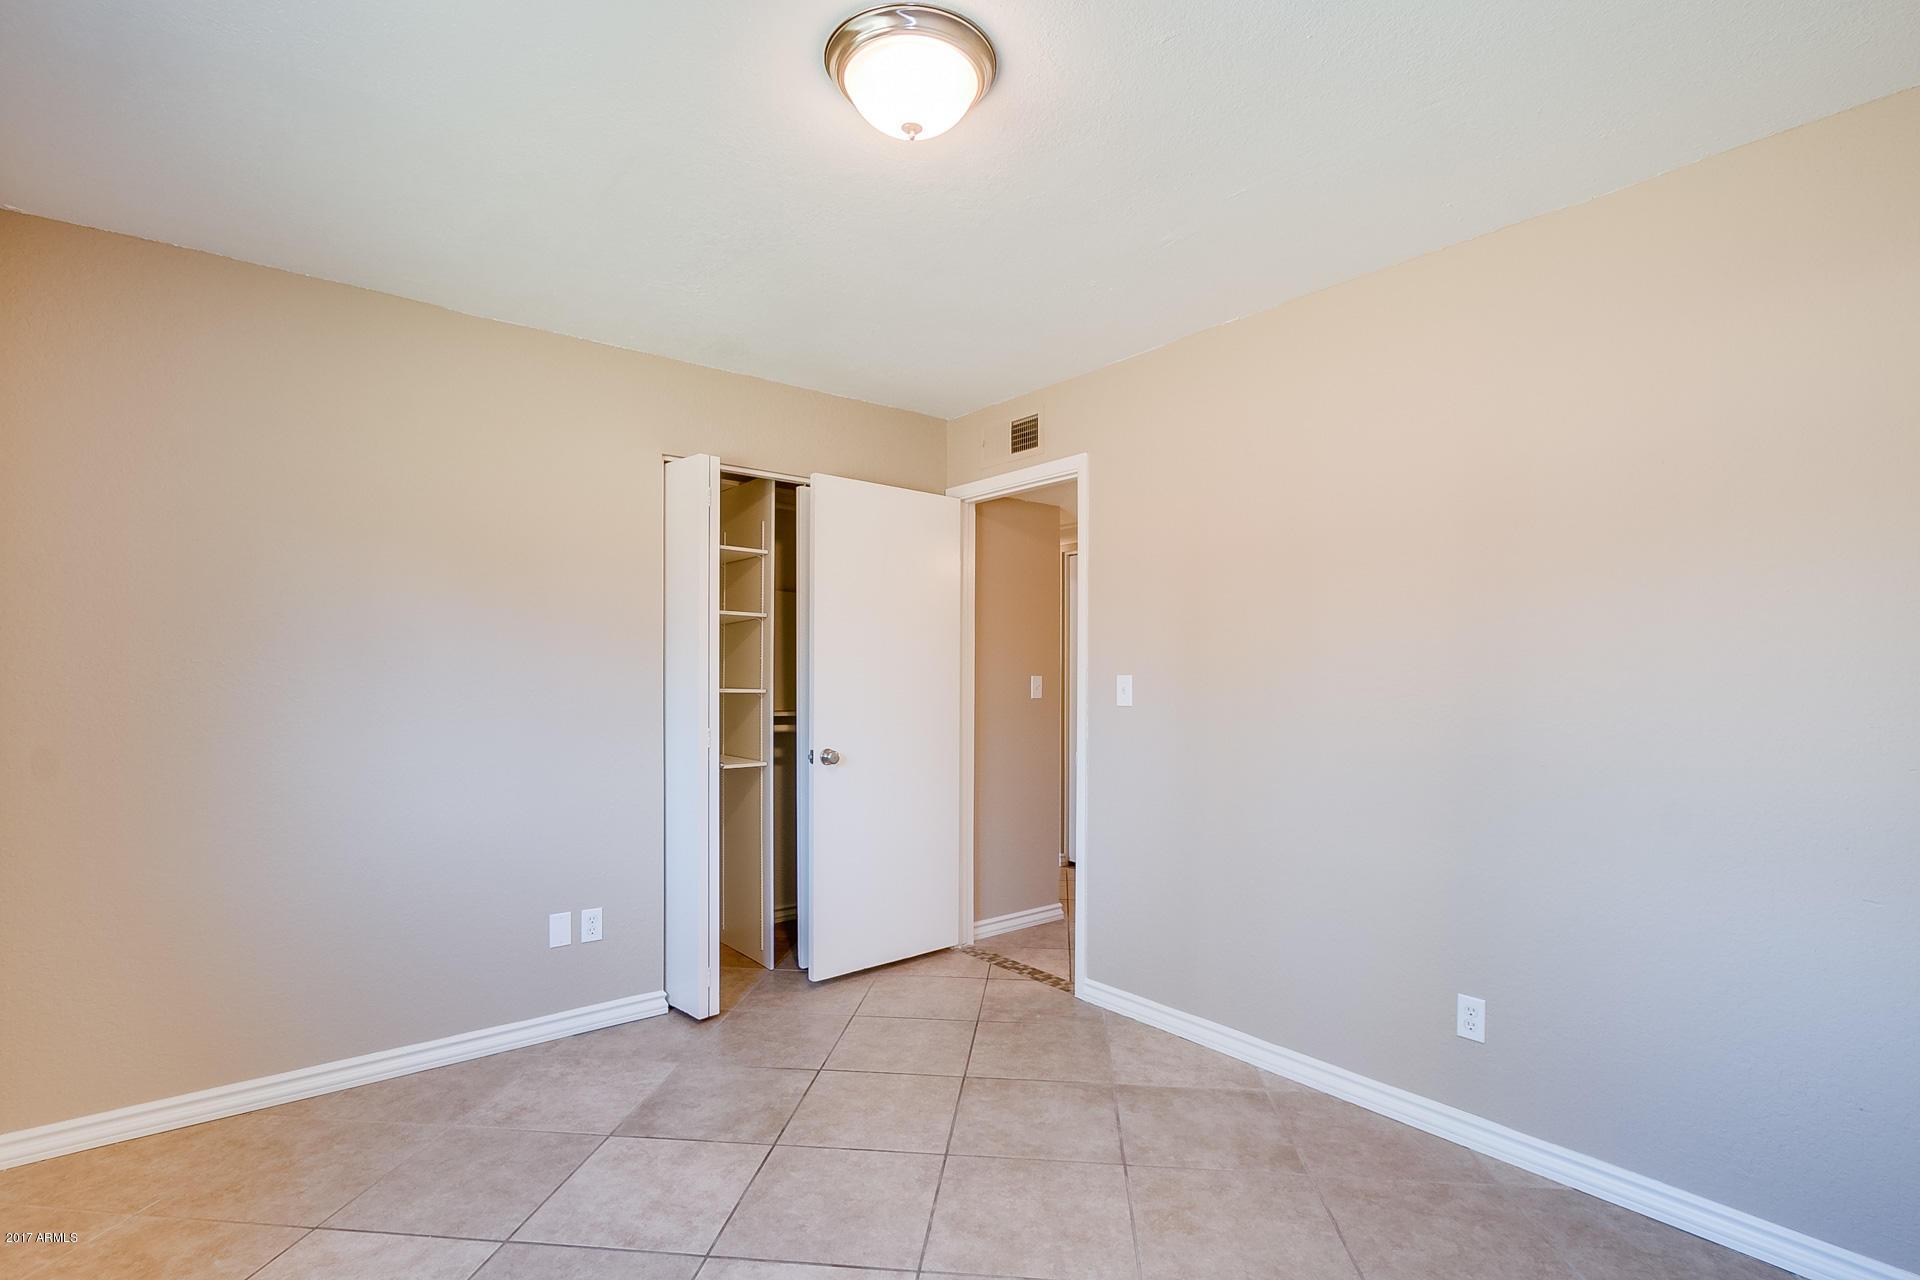 320 S Neely  Street Gilbert, AZ 85233 - img14